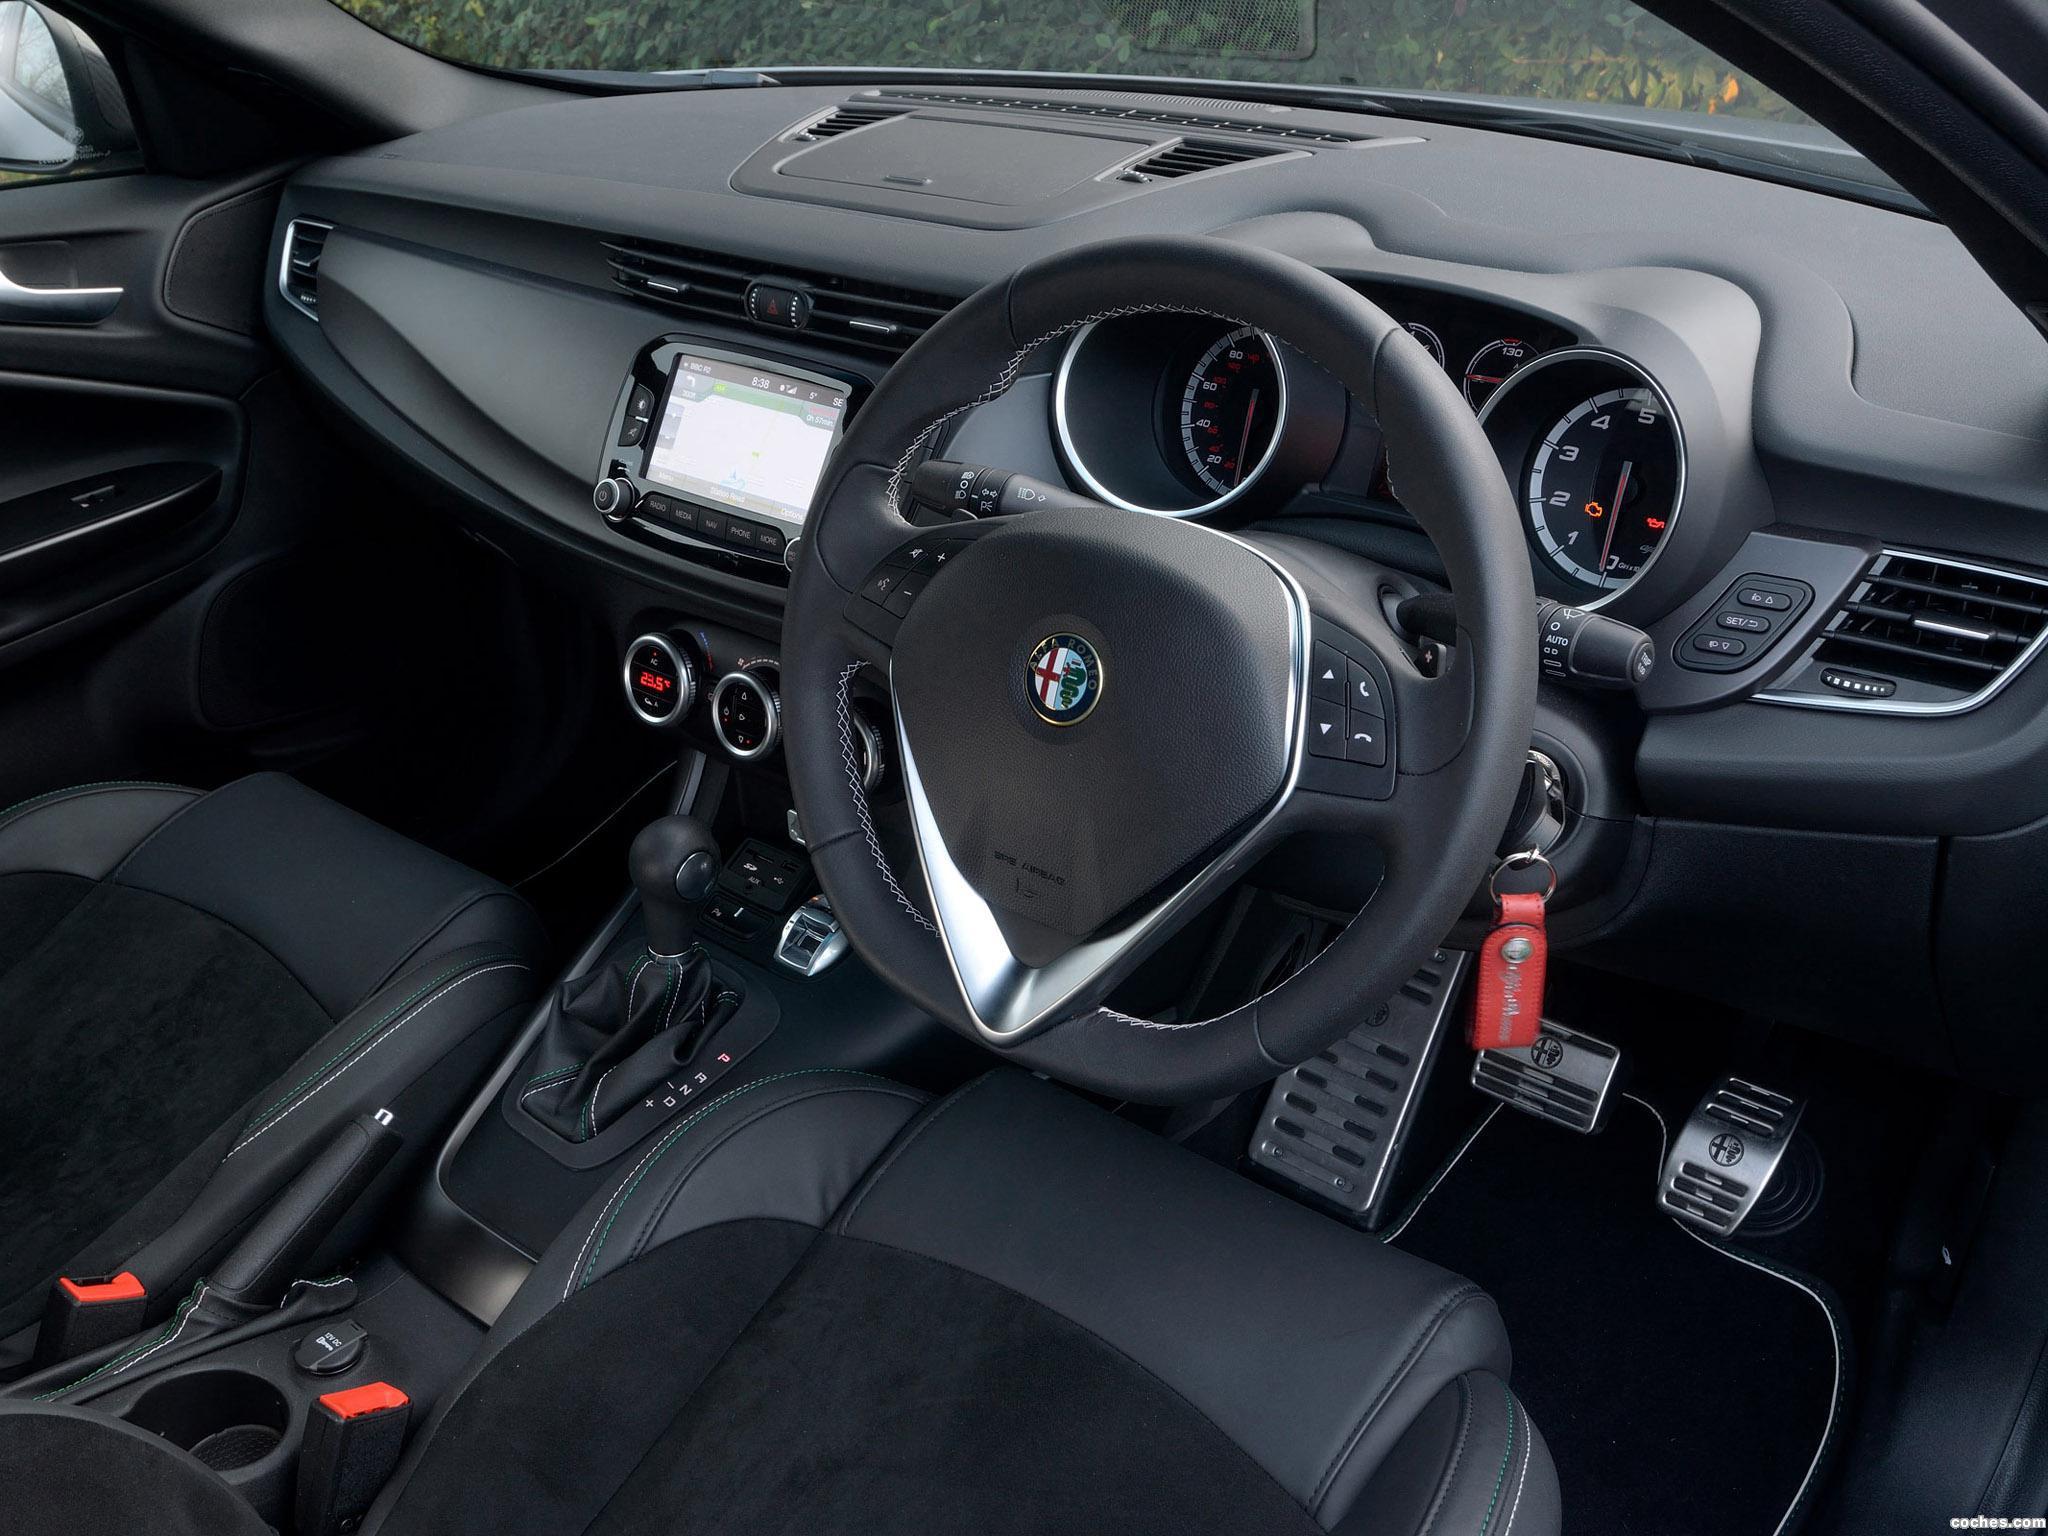 Foto 10 de Alfa Romeo Giulietta Quadrifoglio Verde Launch Edition UK 2014